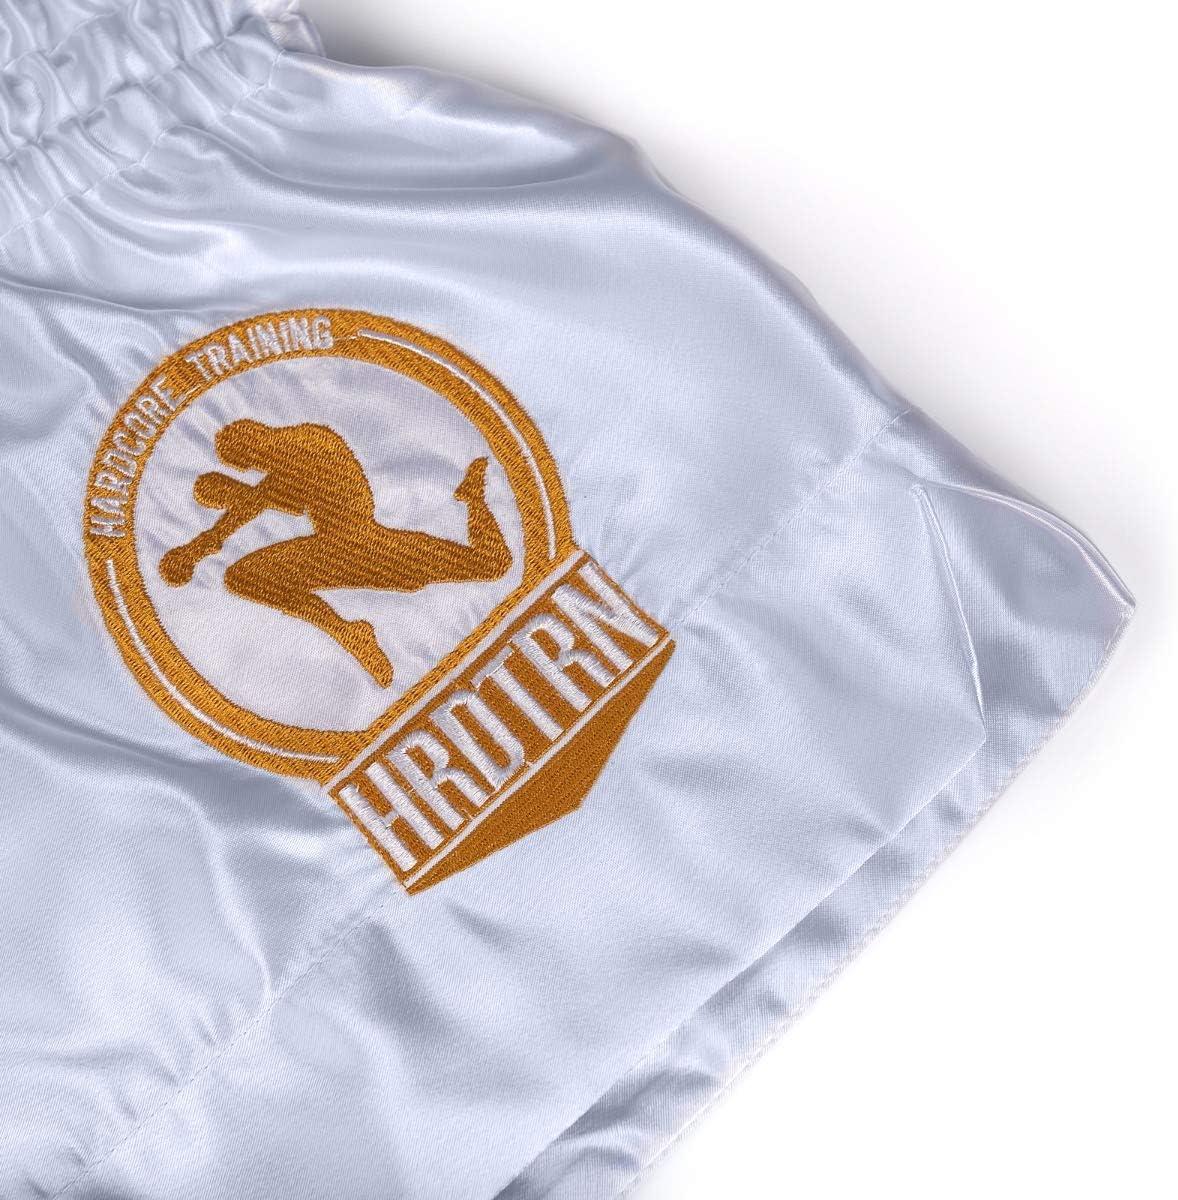 Hardcore Training Classiс Muay Thai Short Boxe Homme Noir Blanc Bleu Rouge Kickboxing Sparring MMA Combat Thaiboxe